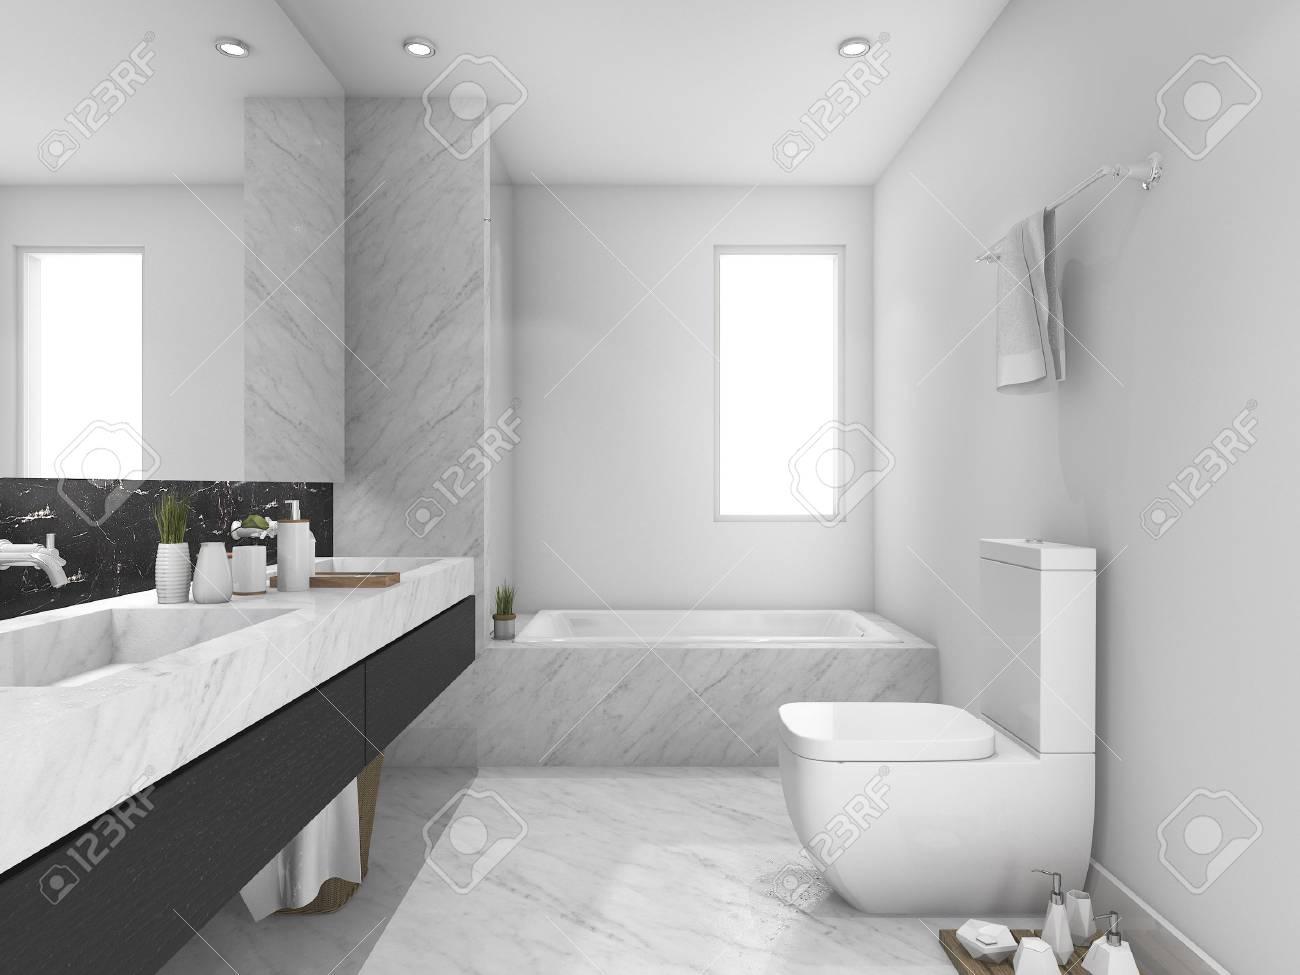 3d que rinde el tocador y el cuarto de baño de mármol blanco y negro